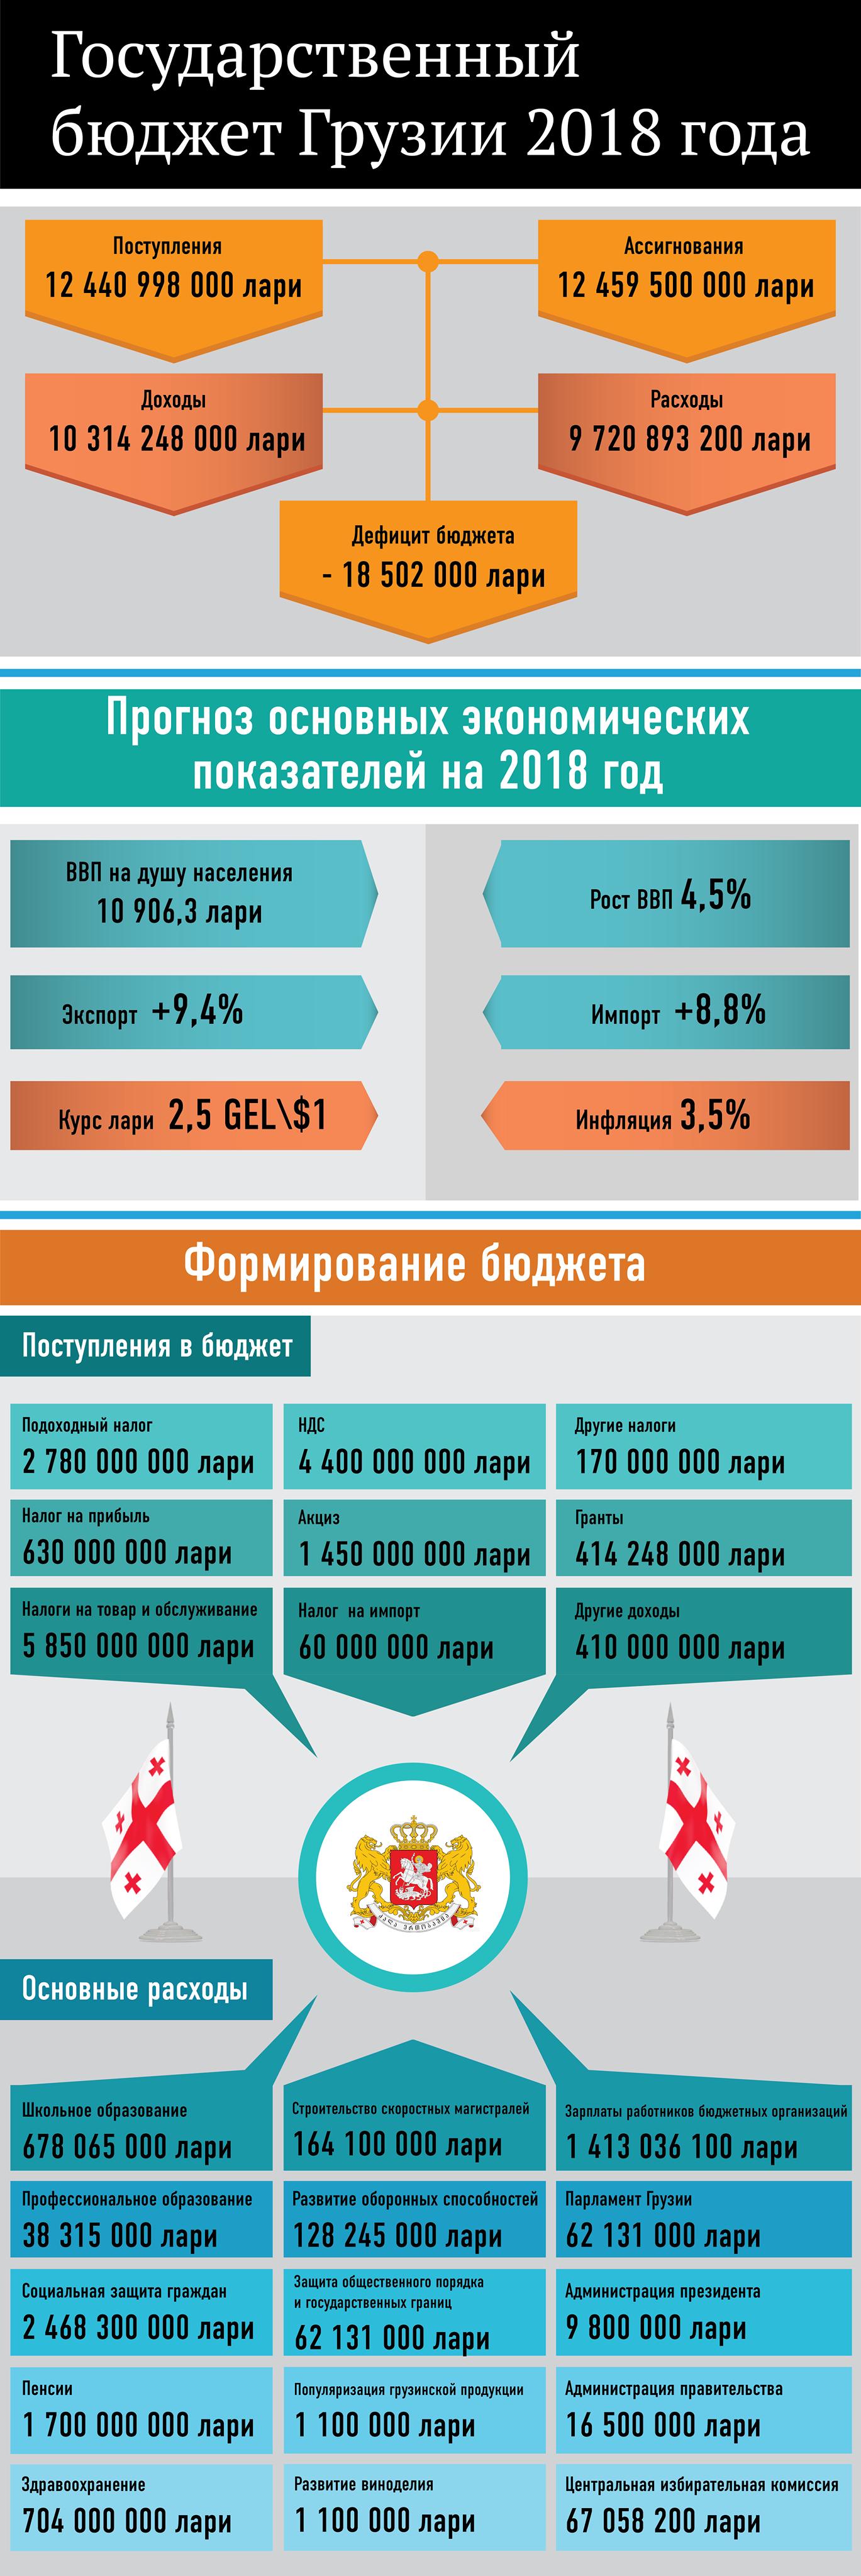 Бюджет Грузии на 2018 год